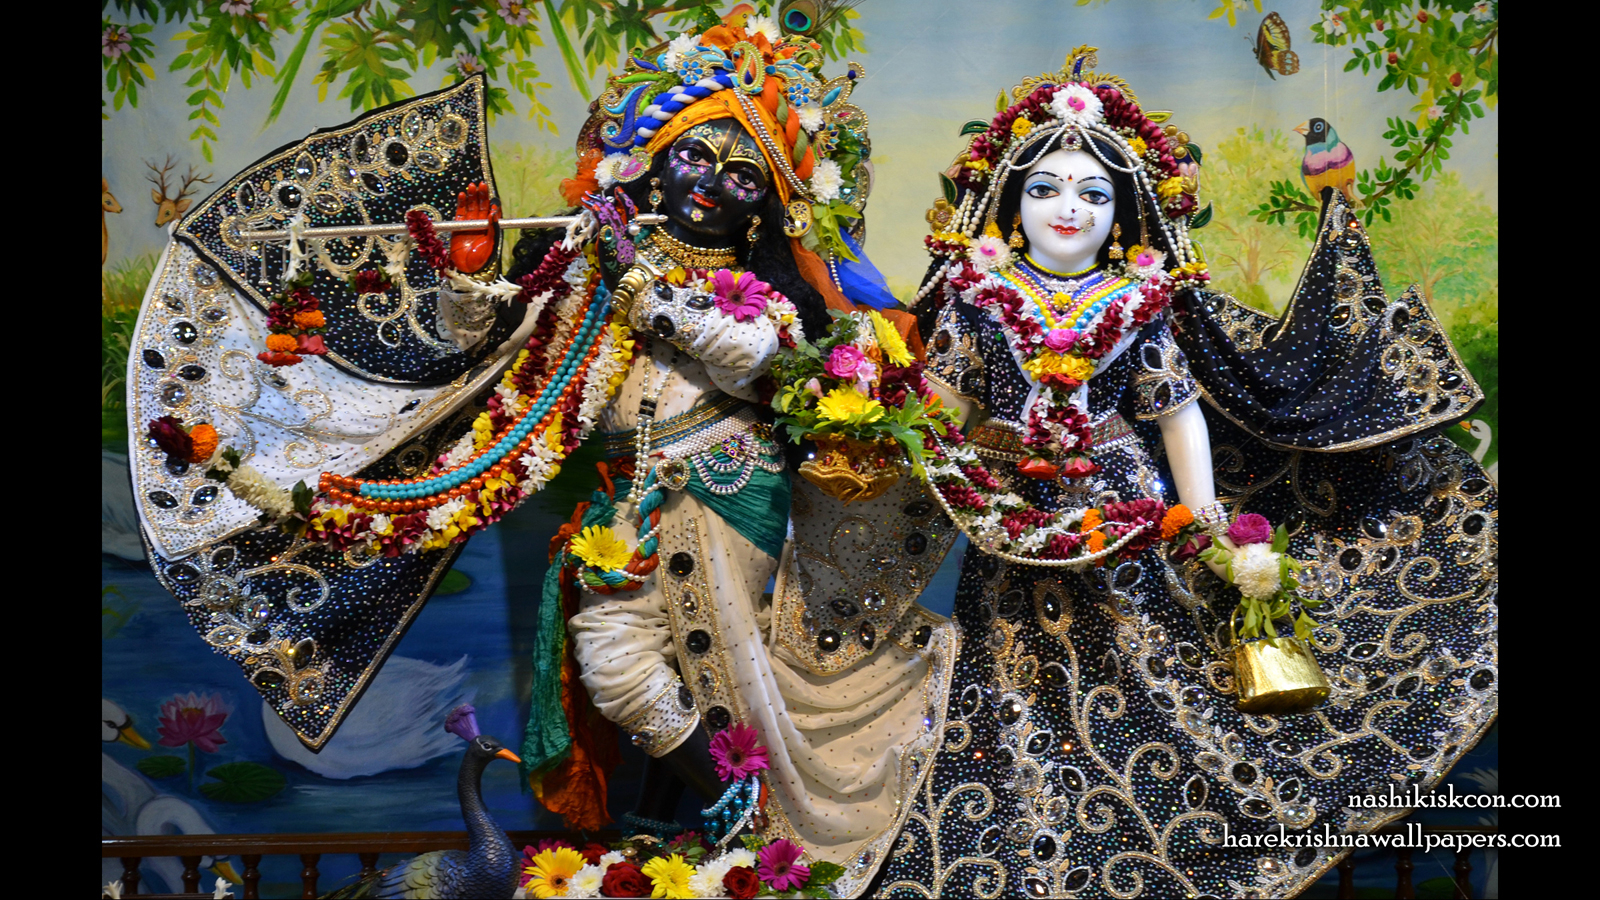 Sri Sri Radha Madan Gopal Wallpaper (012) Size 1600x900 Download